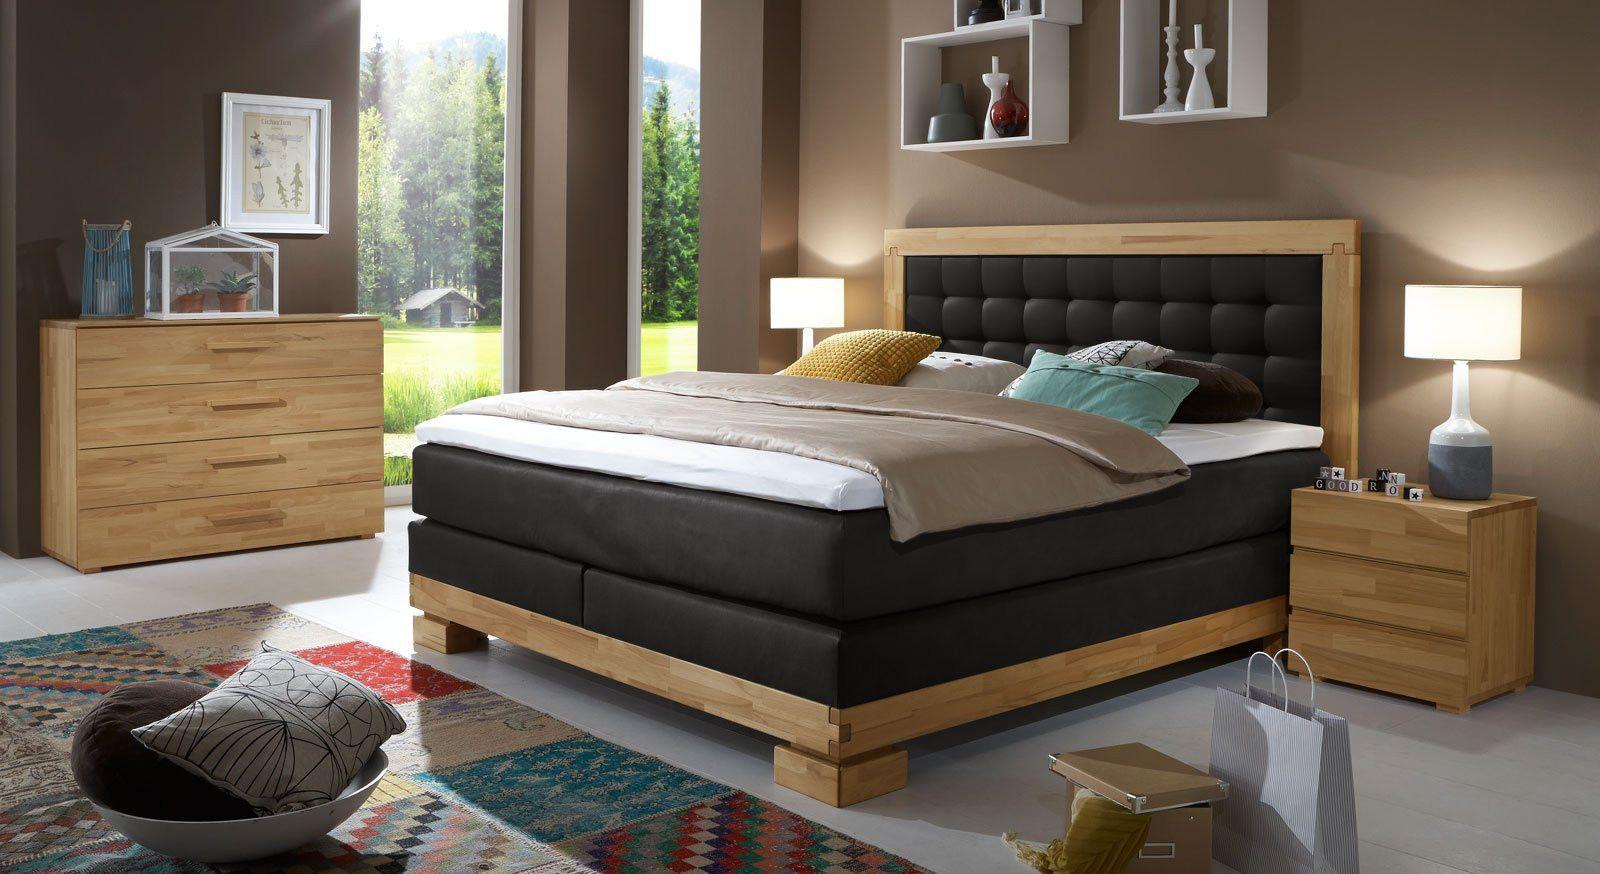 schlafzimmer komplett guenstig mit boxspringbett (Dengan